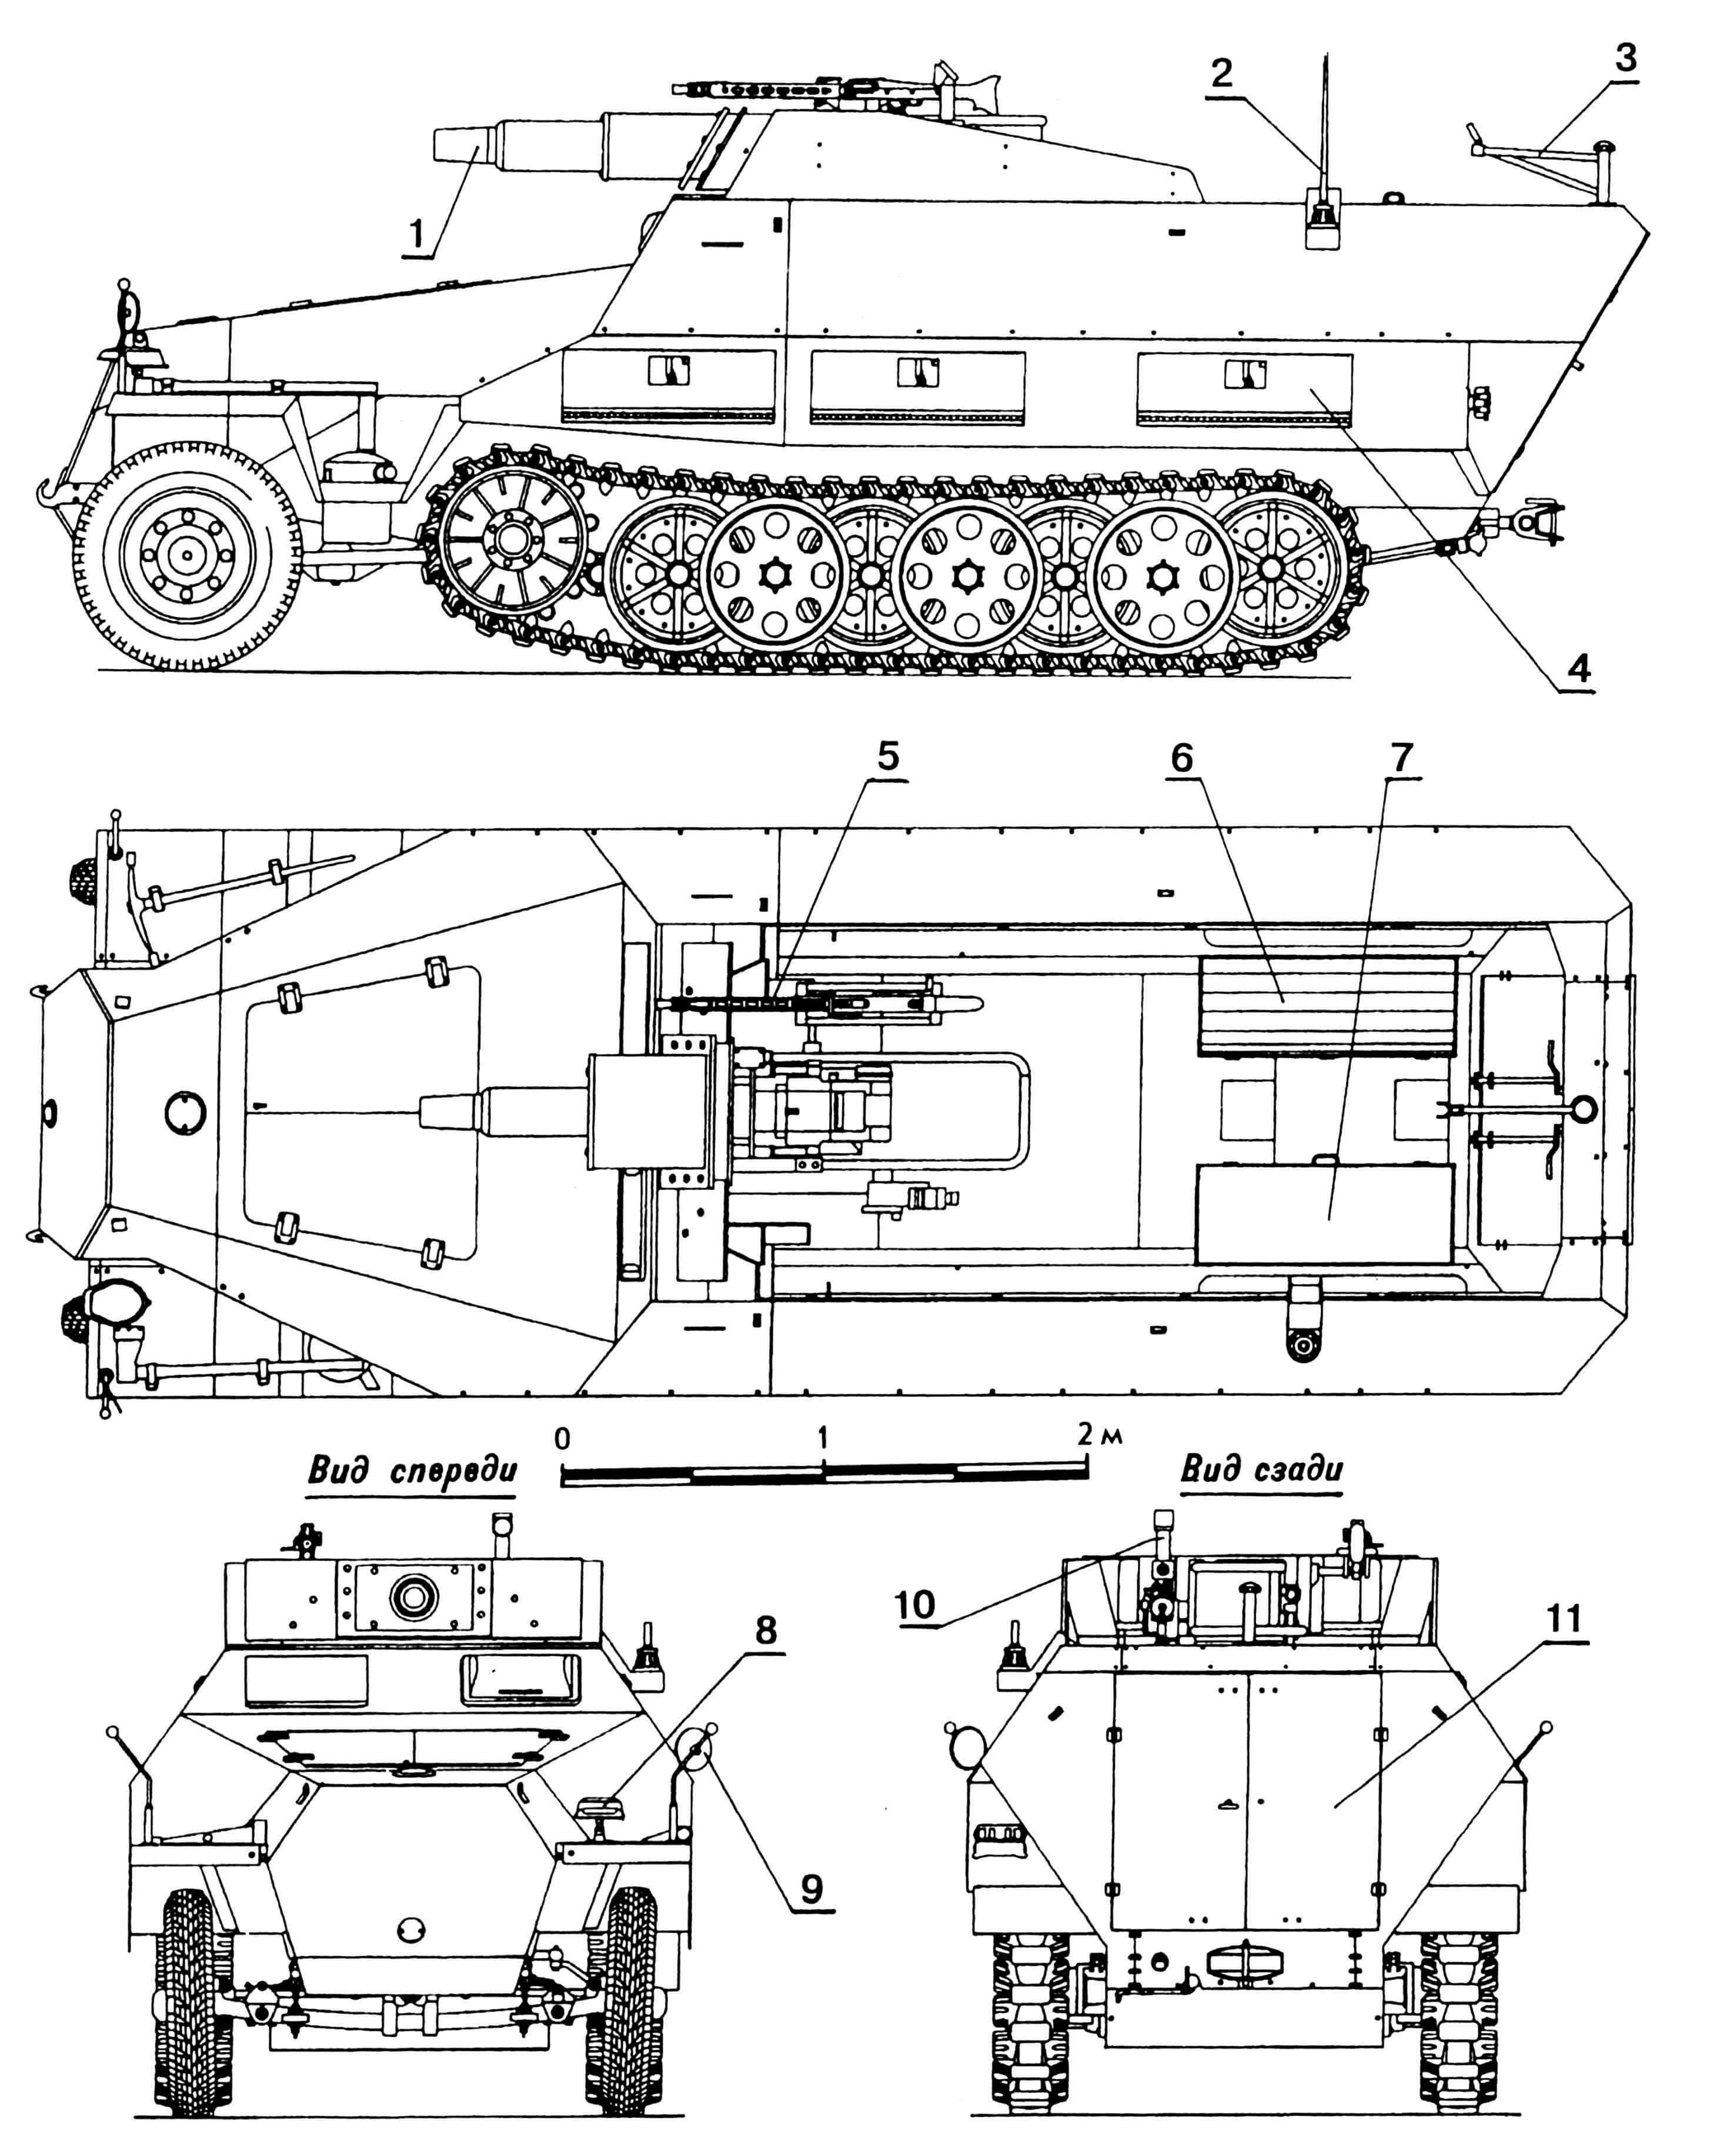 Бронетранспортер Sd.Kfz.251/9 Ausf.D: 1 — 75-мм пушка KWk 37; 2 — антенна; 3 — кронштейн зенитной установки; 4 — ящик для снаряжения; 5 — пулемет MG 34; 6 — сиденье расчета; 7 — ящик для боеприпасов; 8 — фара Notek; 9 — зеркало заднего вида; 10 — перископический прицел орудия; 11 — дверь для посадки расчета.